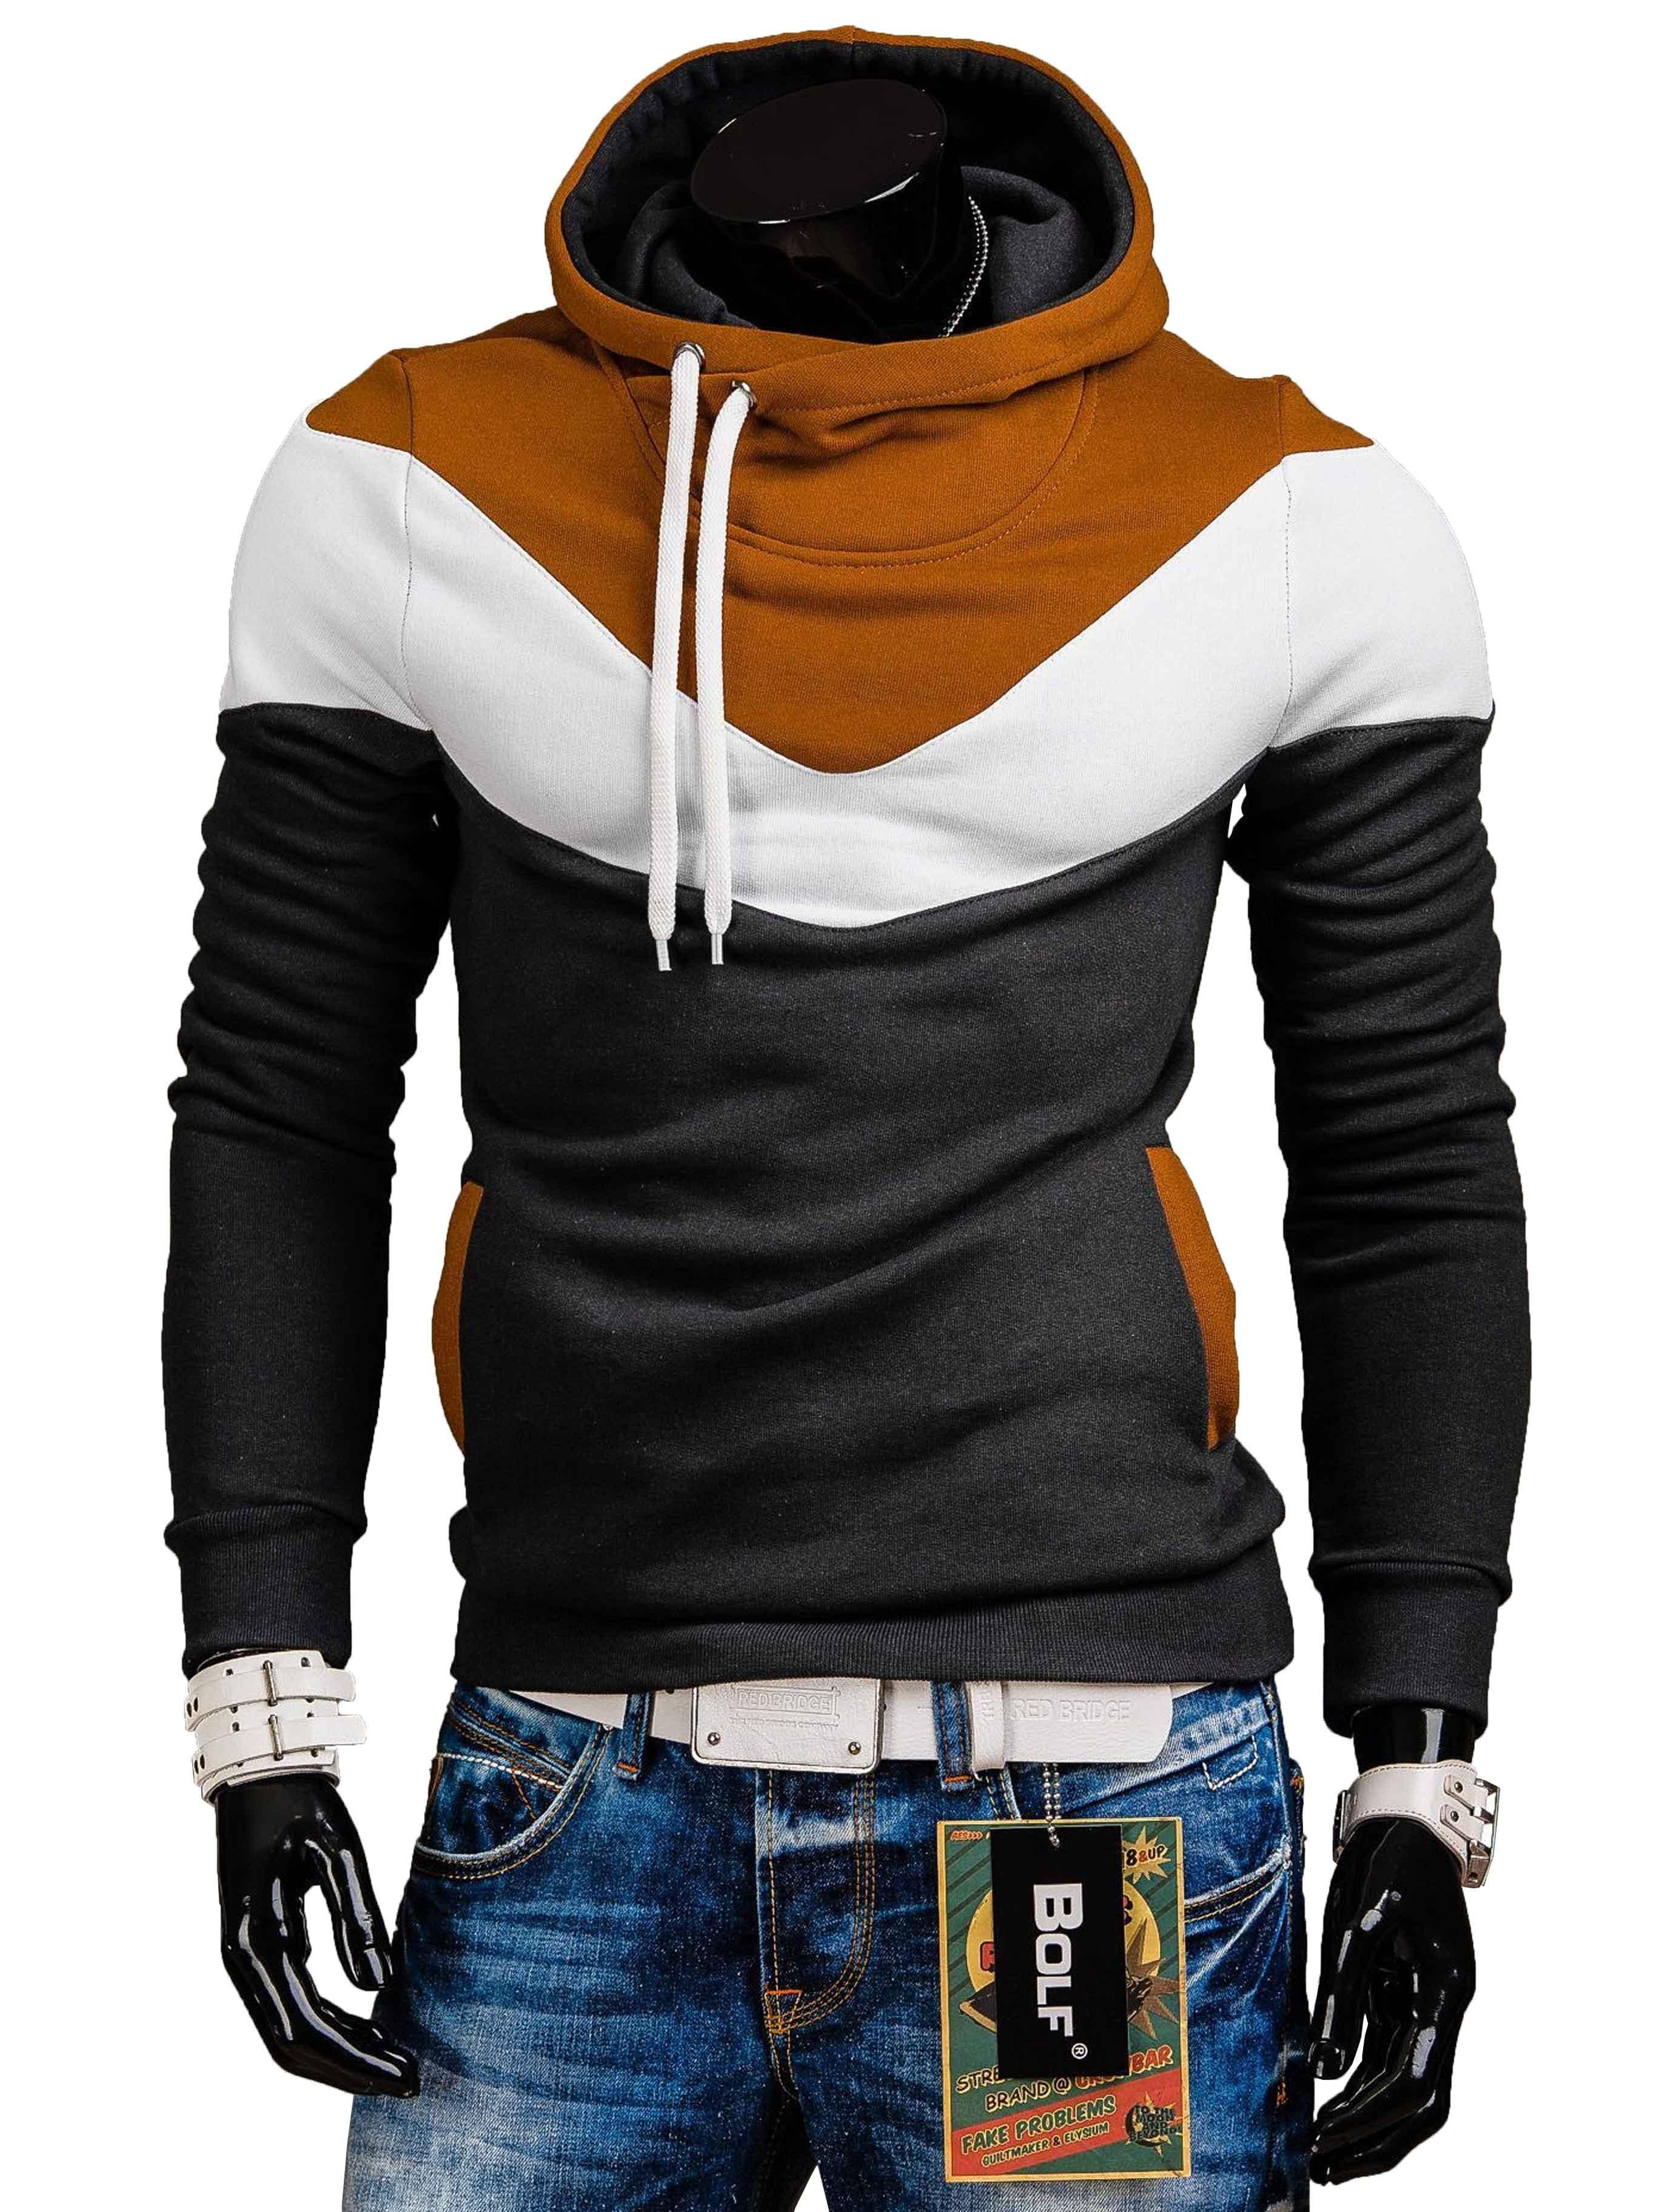 Pánská mikina s kombinací tří barev graffitová - kvalitní oblečení ... 4c59ce82ec